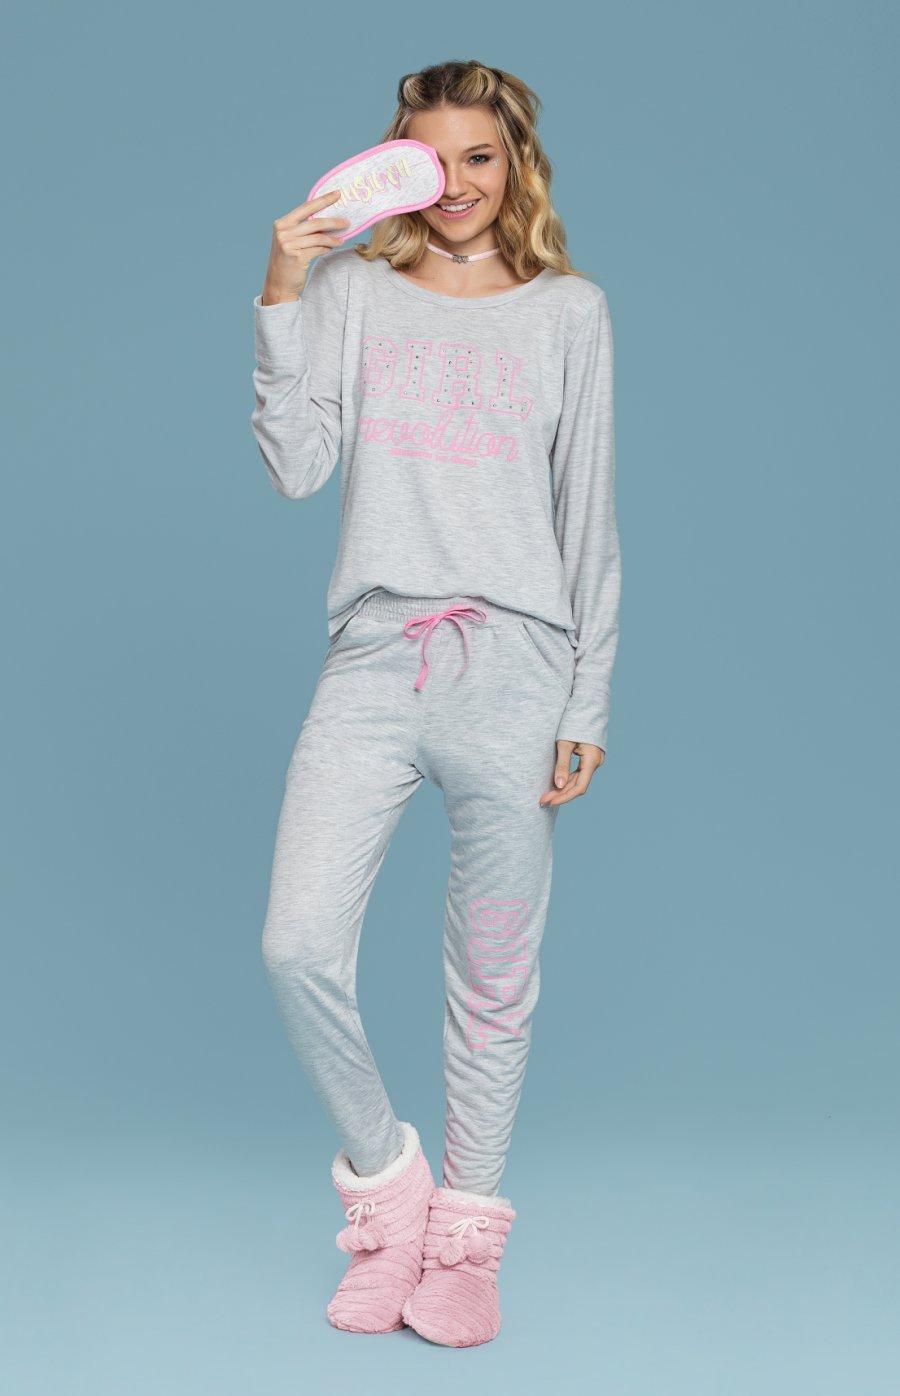 017ef4503 Pijama Girls PROMO Inverno